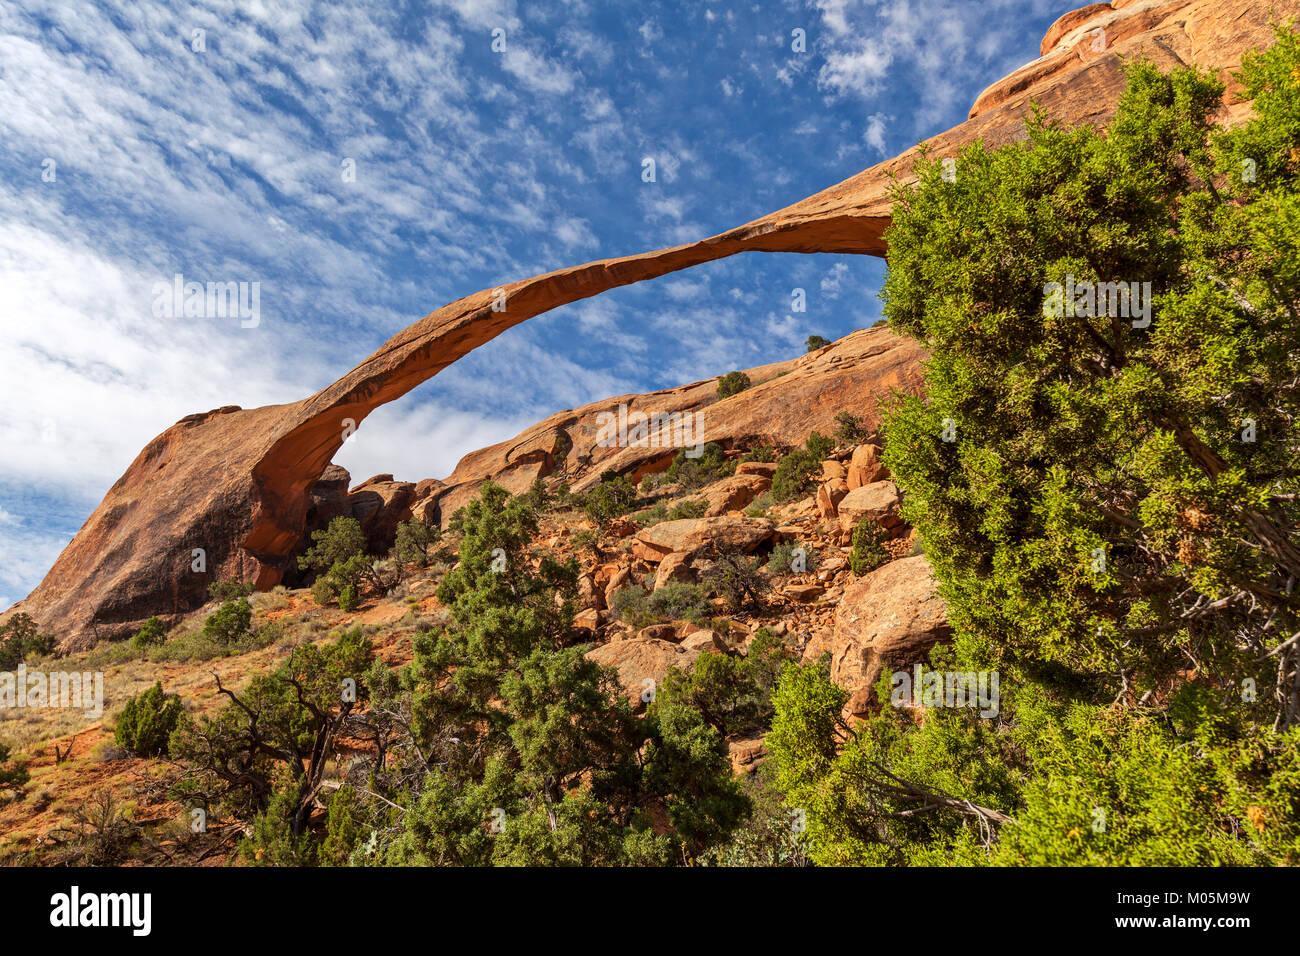 La Landscape Arch dans Parc National Arches dans l'Utah. Photo Stock